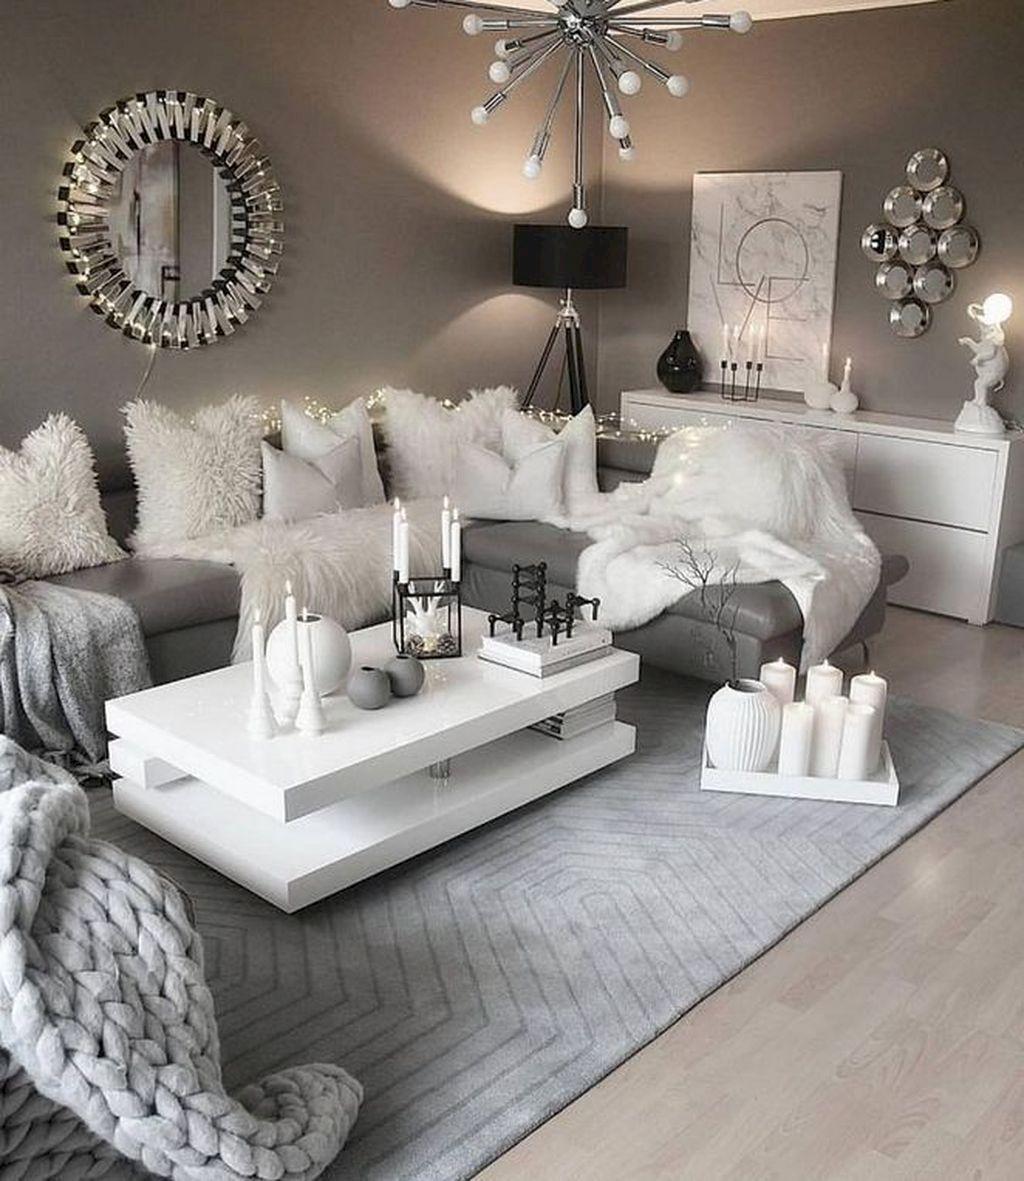 46 Awesome Contemporary Living Room Decor Ideas – ROUNDECOR